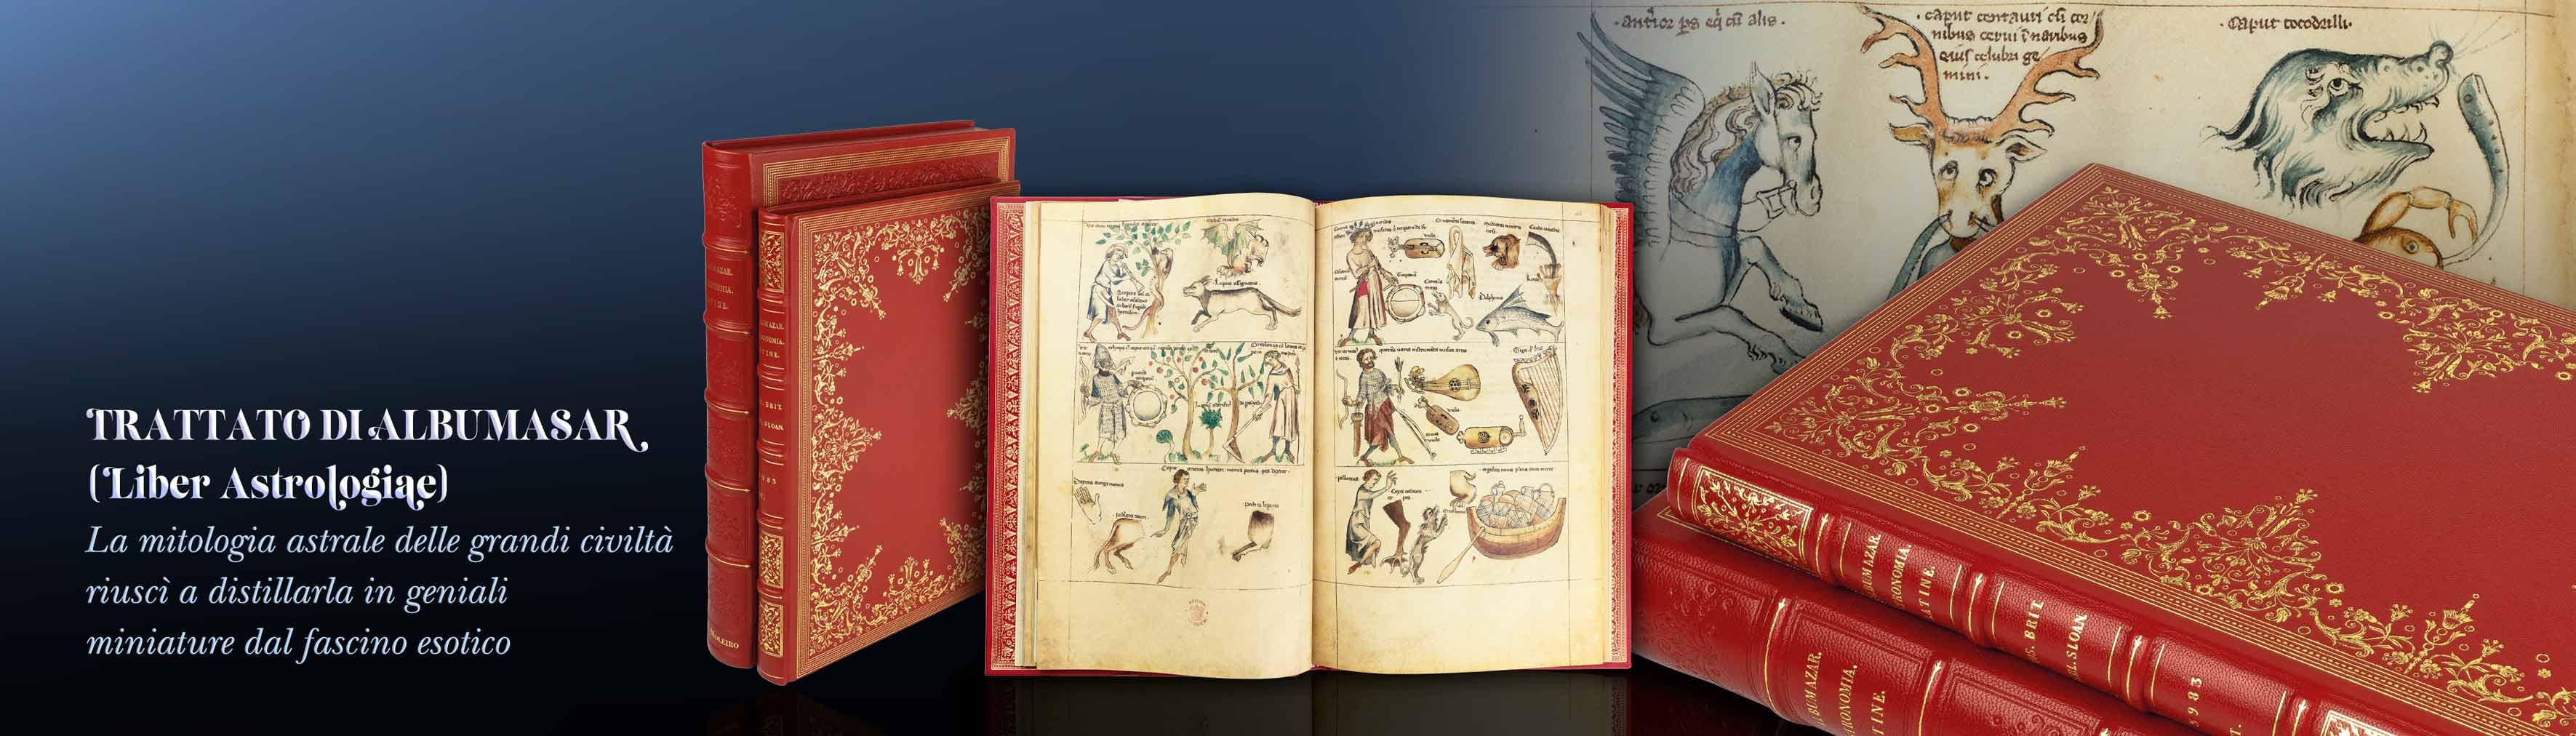 Trattato di Albumasar (Liber astrologiae)